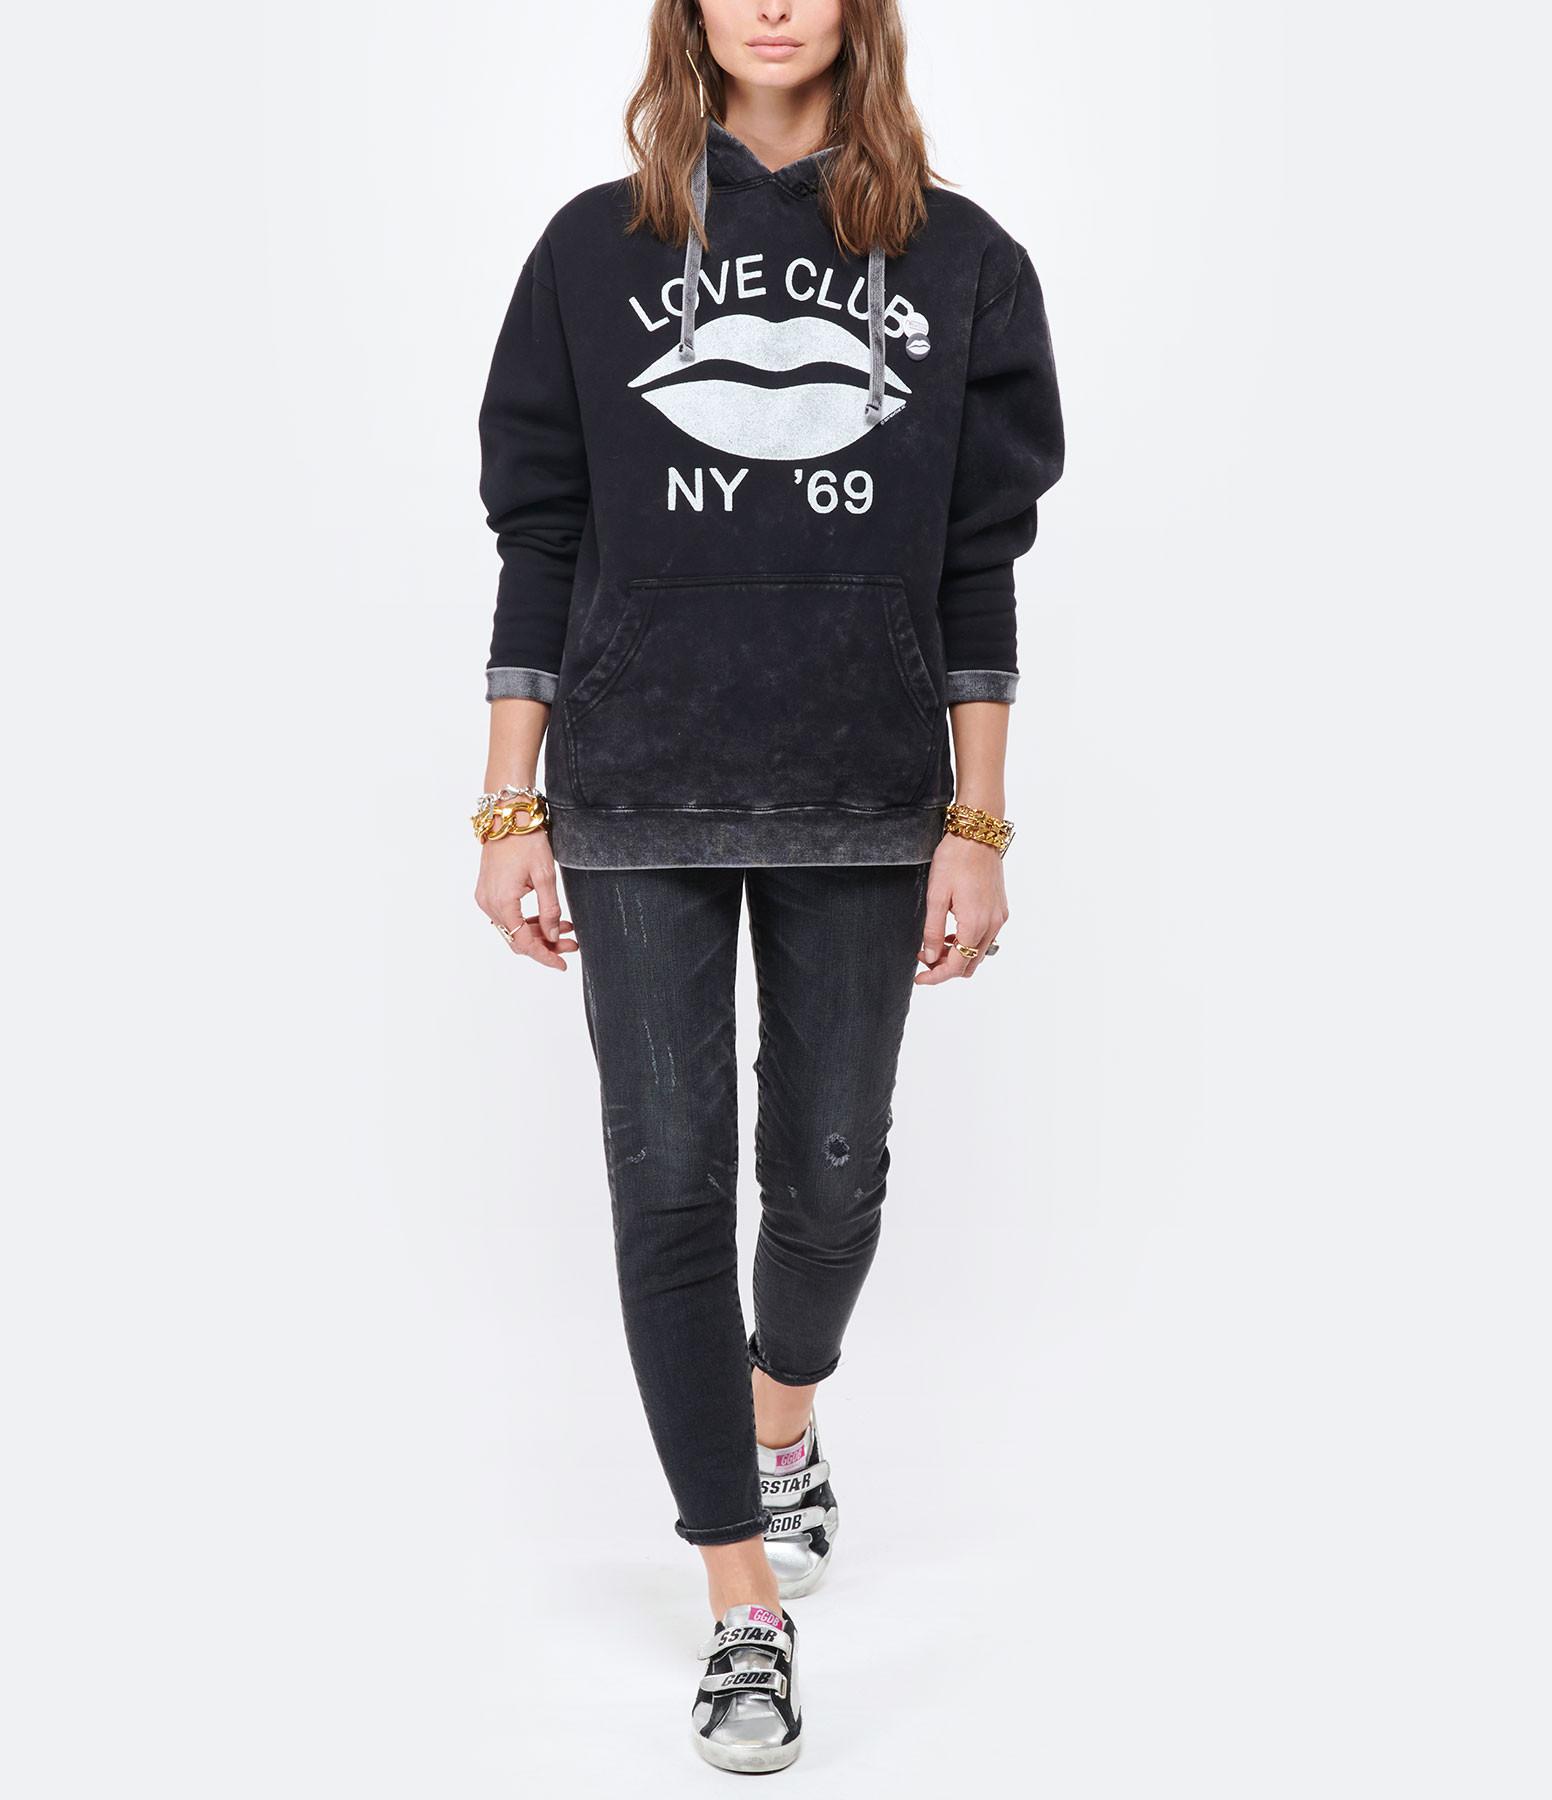 NEWTONE - Sweatshirt Hoodie Love Club Coton Noir